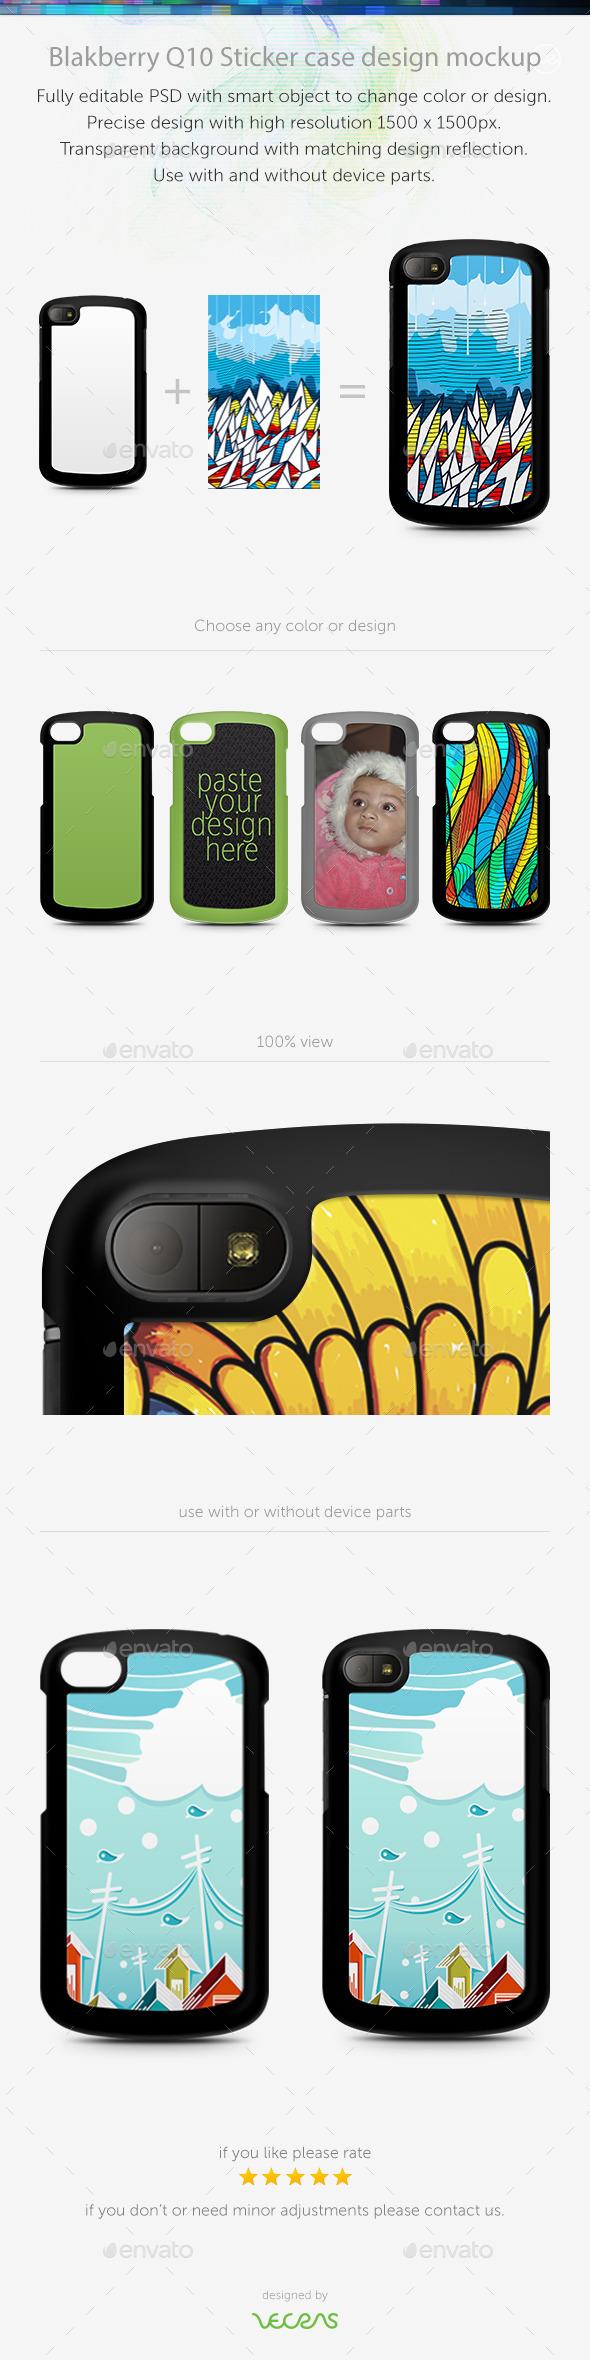 Blakberry Q10 Sticker Case Design Mockup